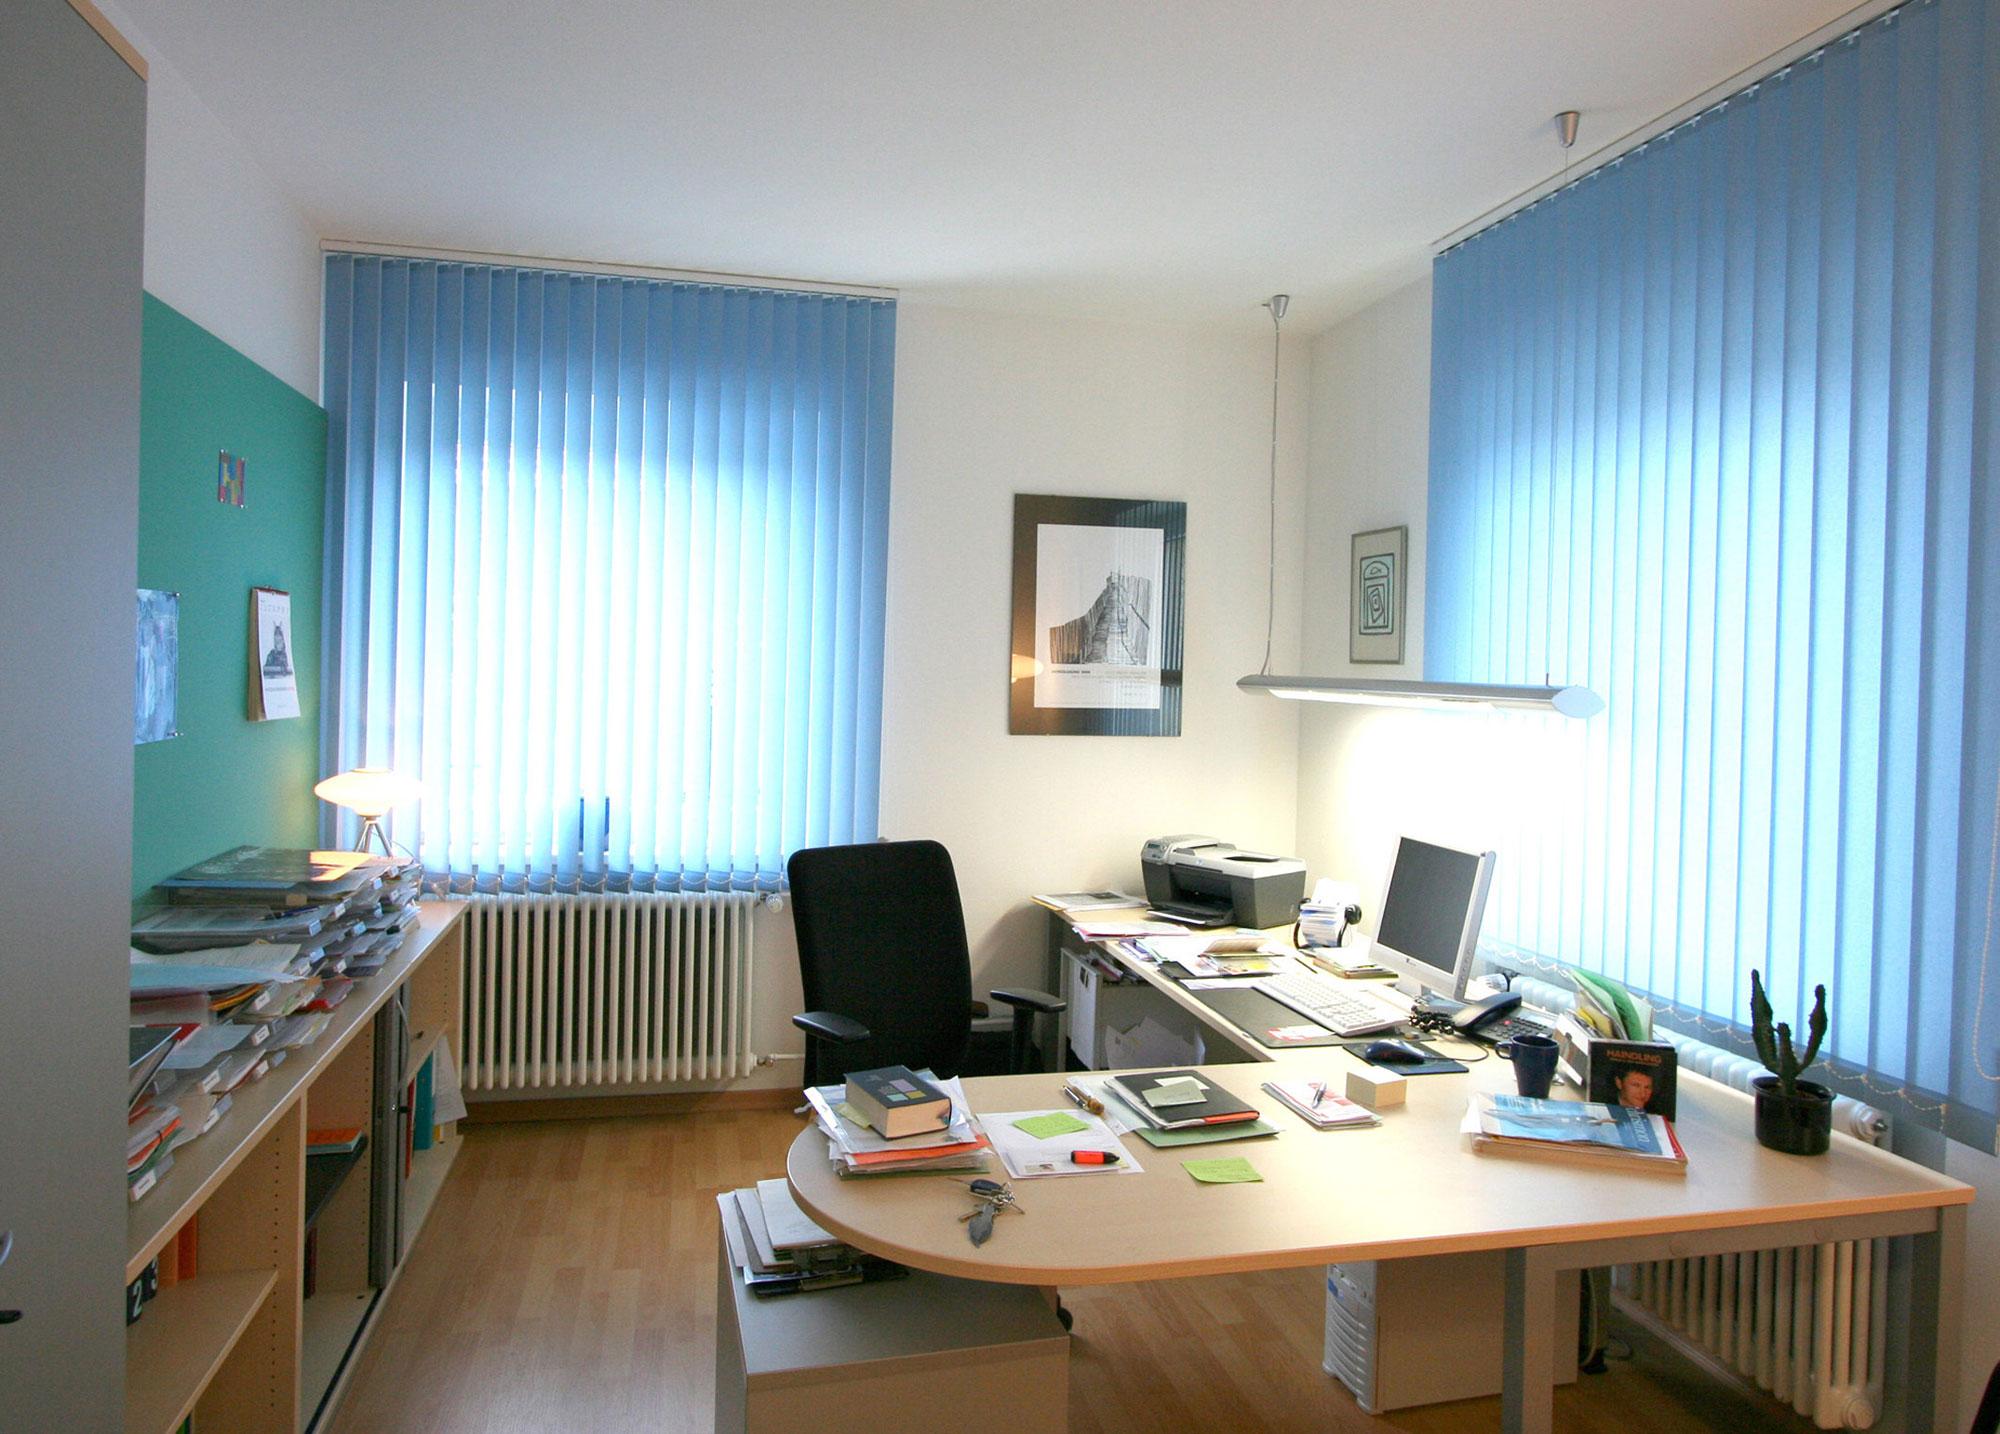 Innenarchitektur-München-Renovierung-Pfarramt-01